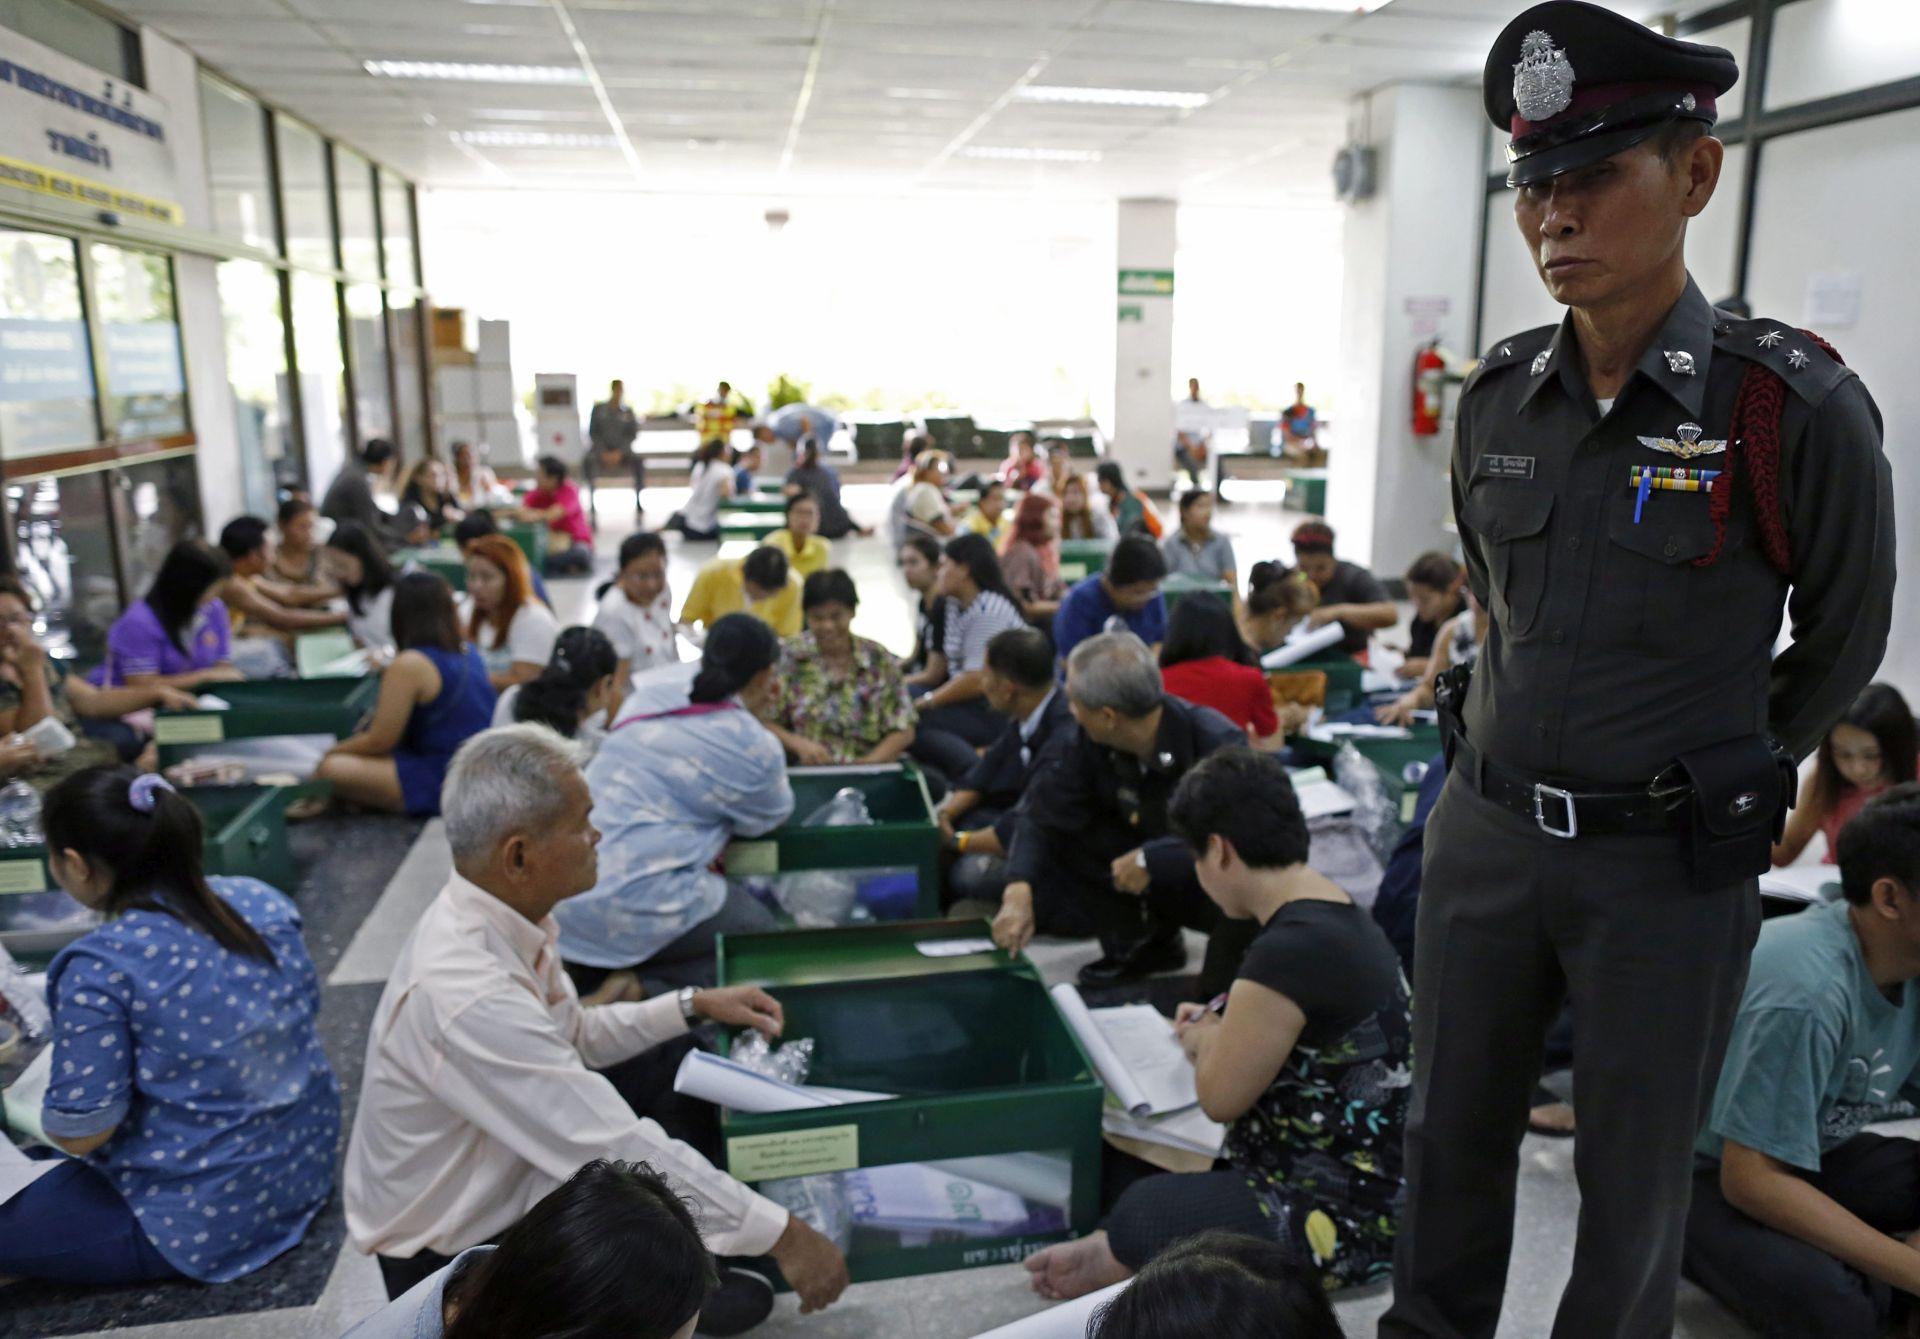 IZLAZAK NA BIRALIŠTA: U Tajlandu se održava referendum o spornom ustavu